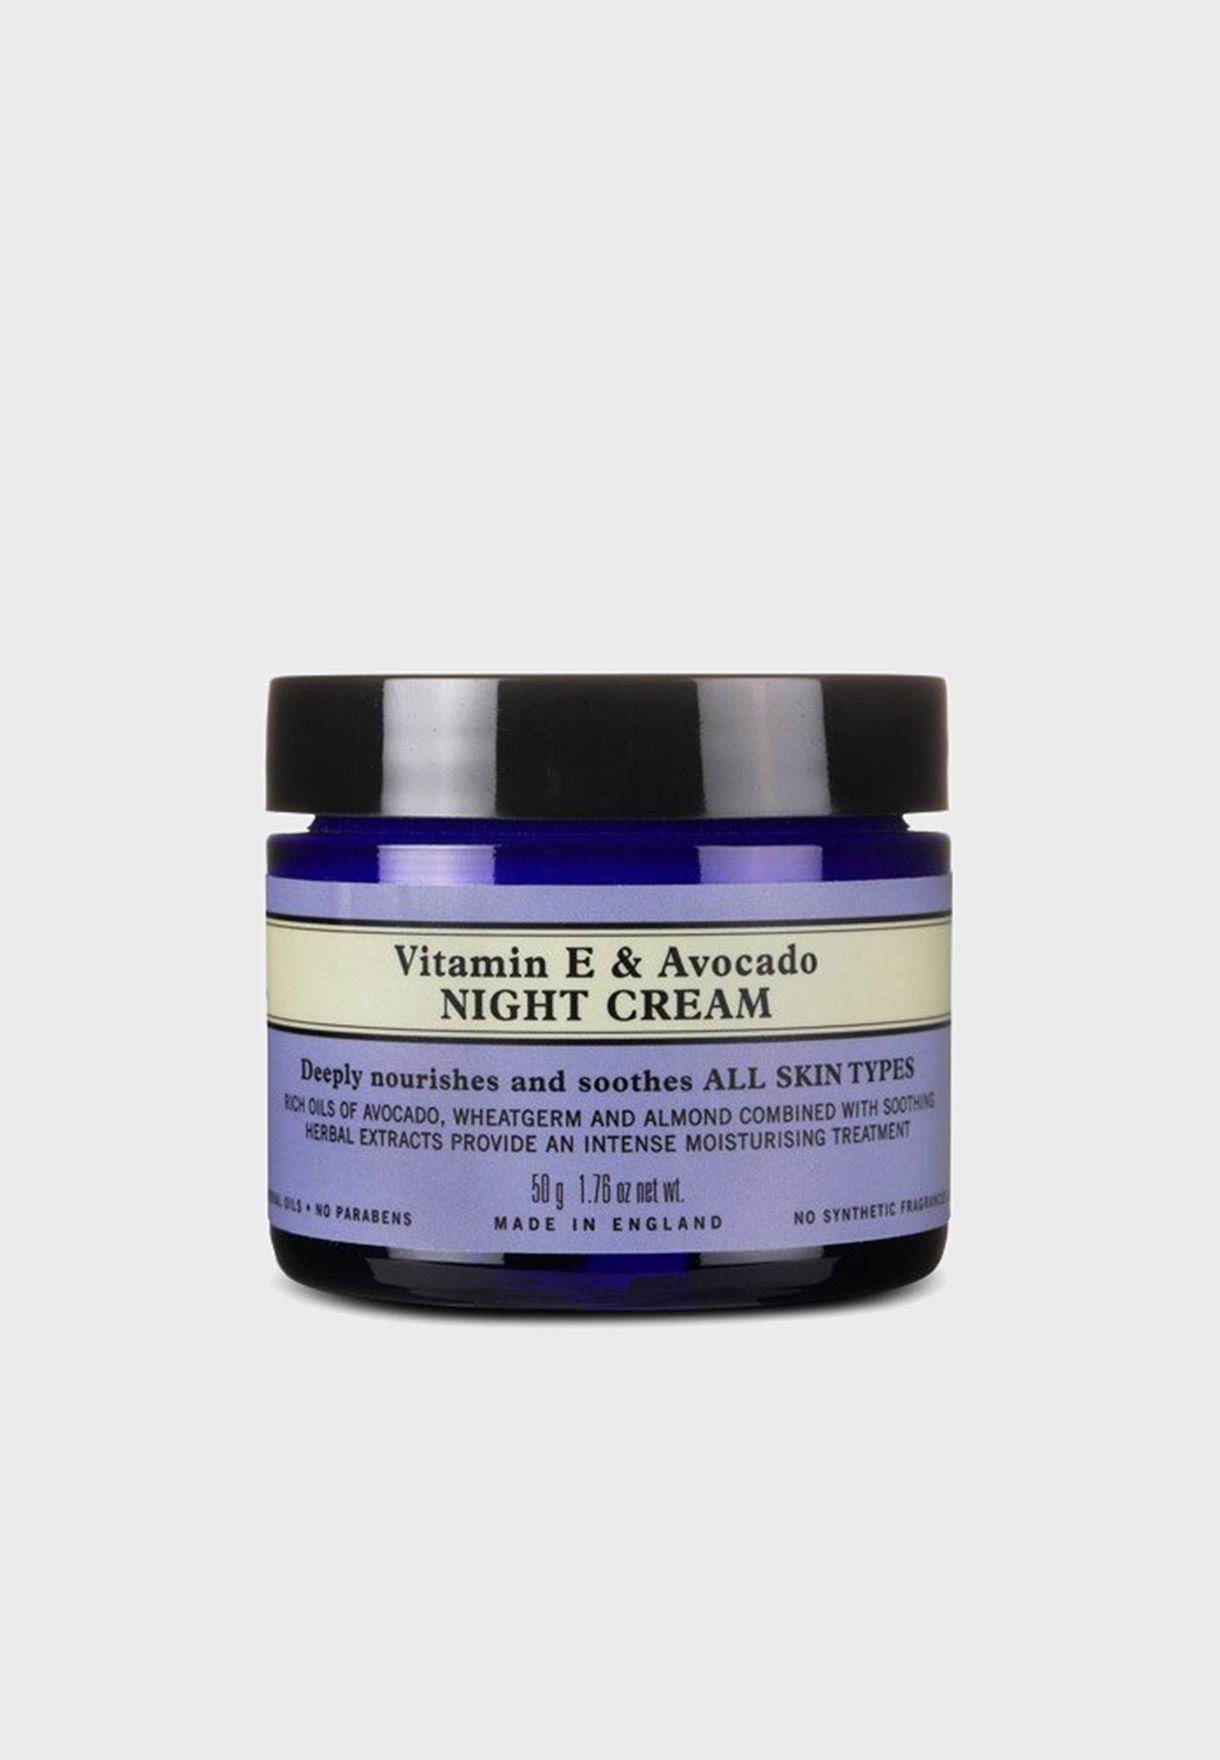 Vitamin E & Avocado Night Cream 50G